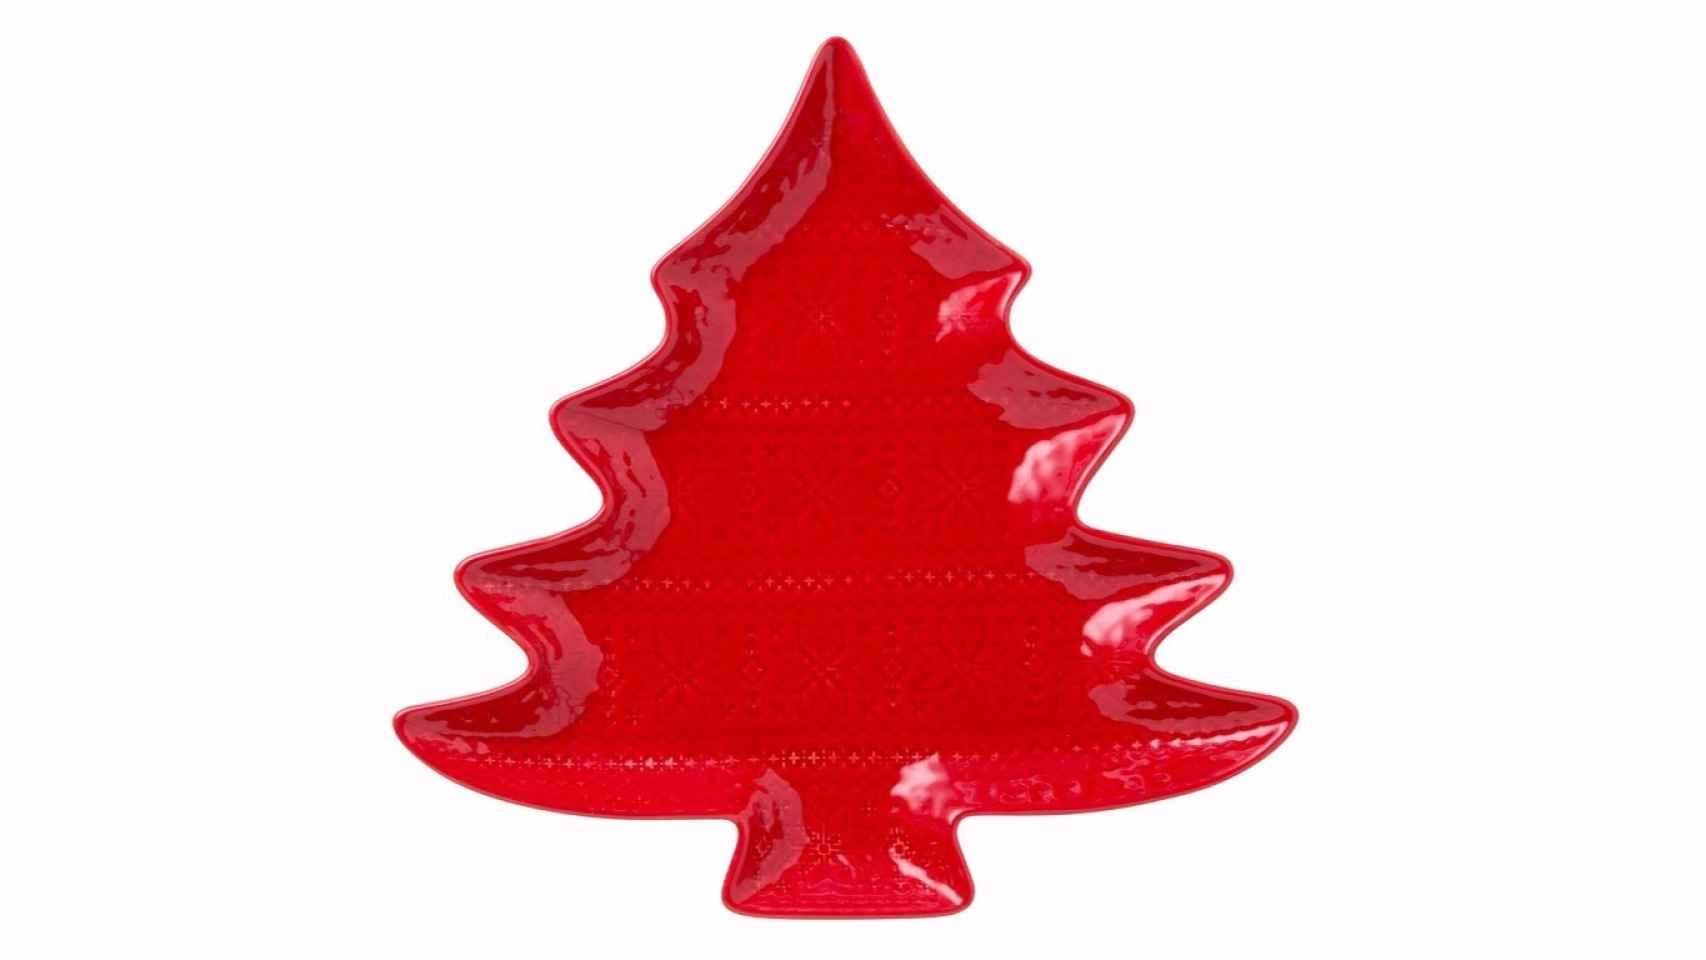 Fuente con forma de árbol navideño en rojo para el centro de la mesa, perfecto para servir cualquier aperitivo o postre, un básico de la tendencia Navidad Tradicional. Puedes ver más propuestas aquí.